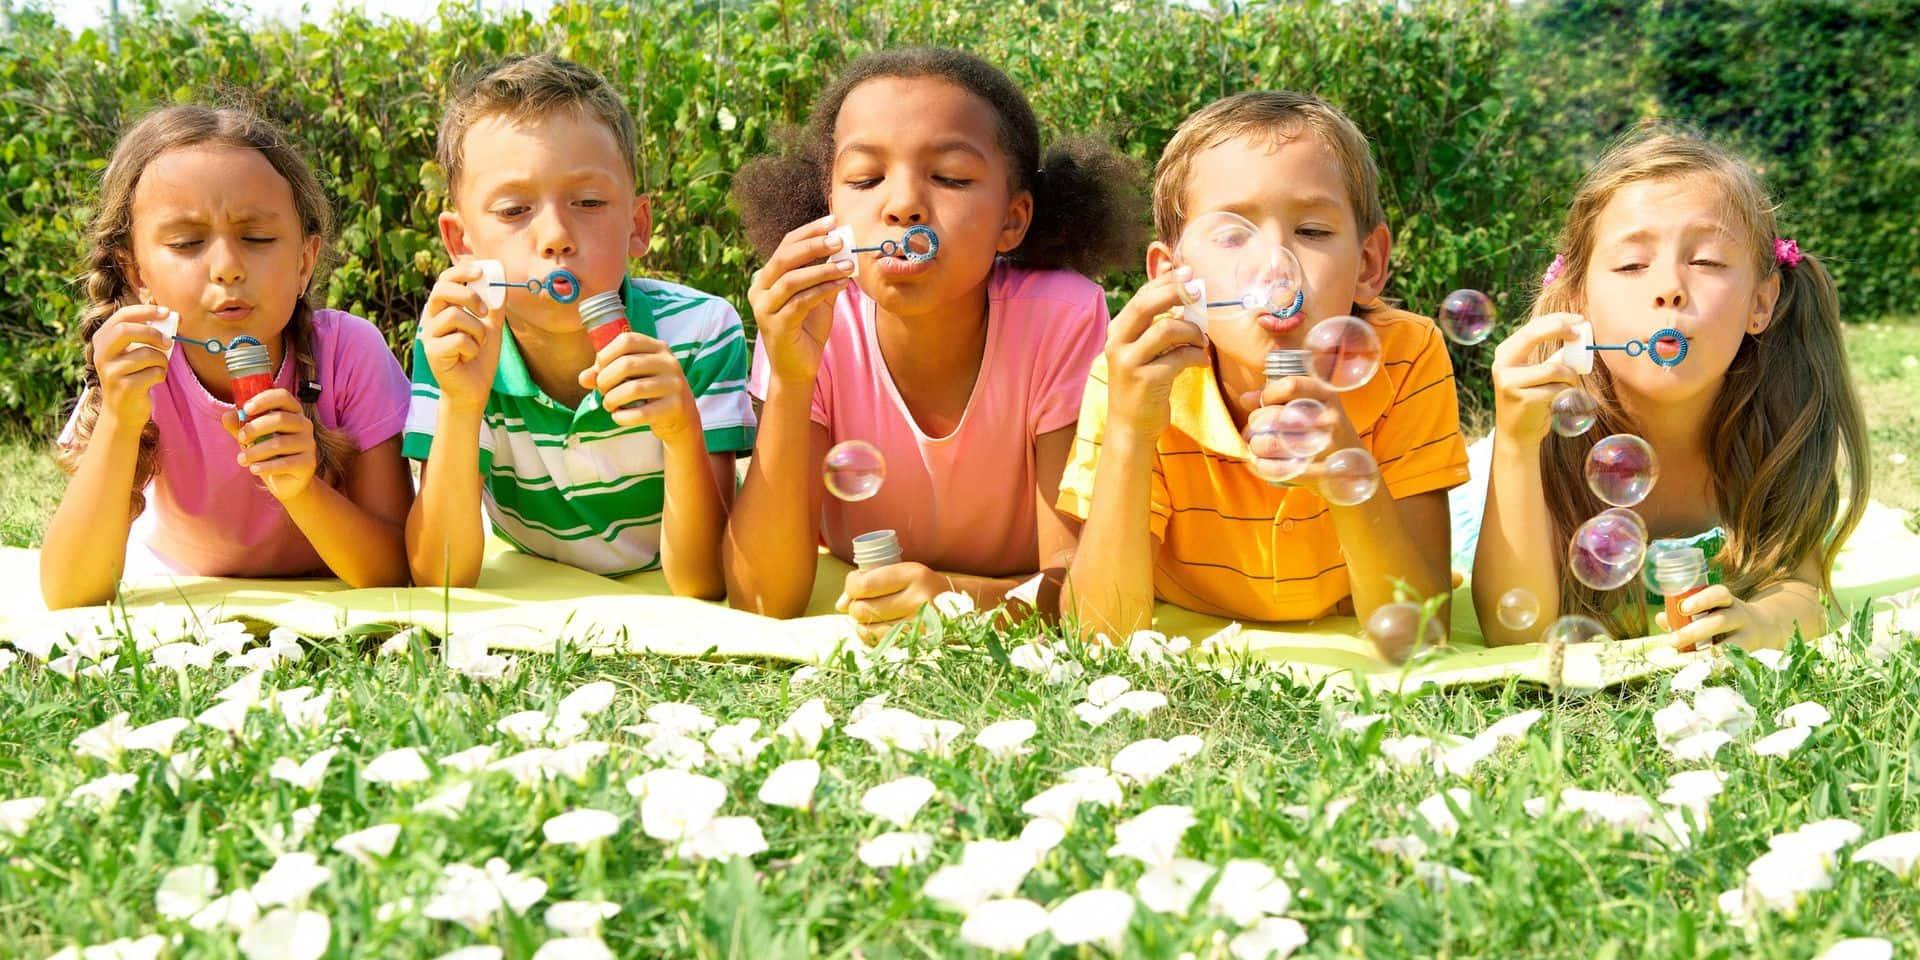 Les enfants de moins de douze ans peuvent sauter d'une bulle à l'autre : non-sens !